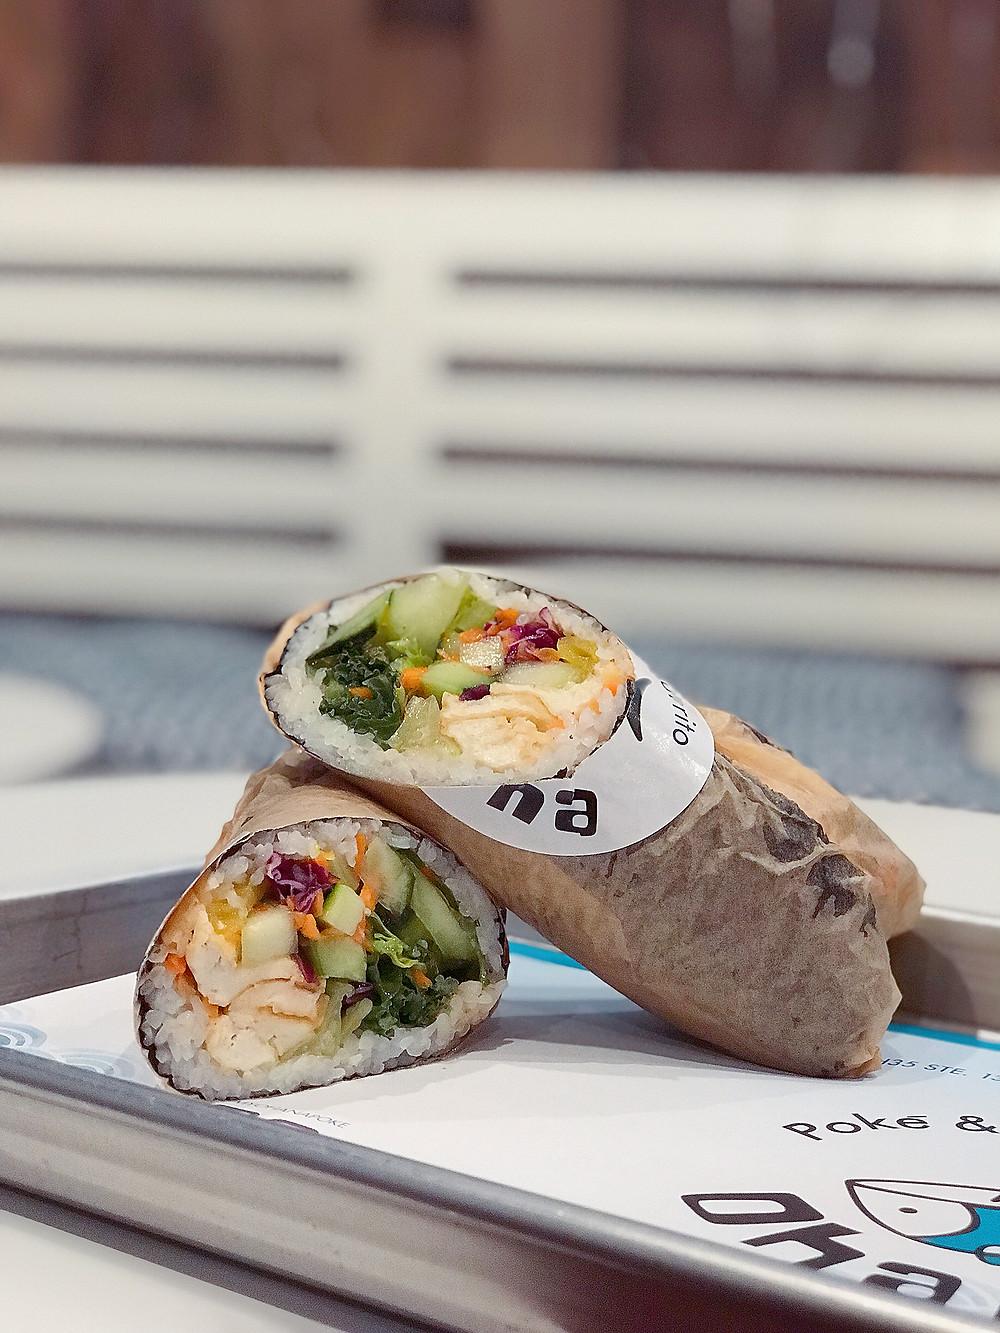 Poke burrito New Braunfels, Vegetarian food in New braunfels, Keto food new braunfels, New Braunfels top restaurants, top ten restaurants in New Braunfels, Ohana Poke and Sushi Burrito, Ohana new braunfels